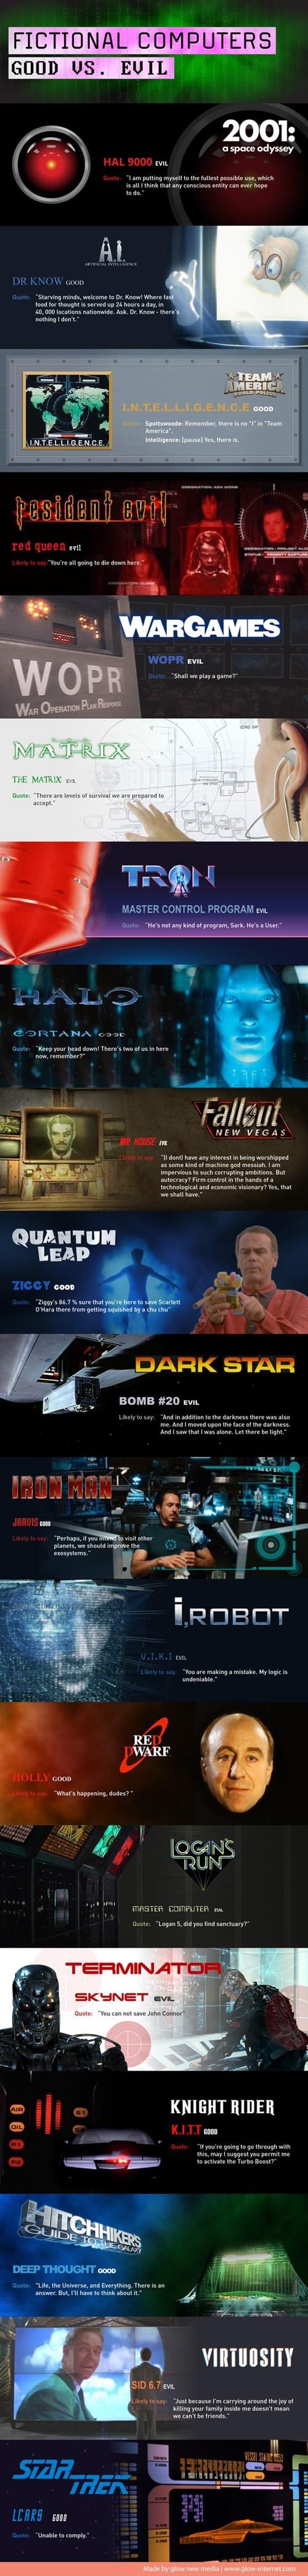 Fictional Computers - Good Vs. Evil